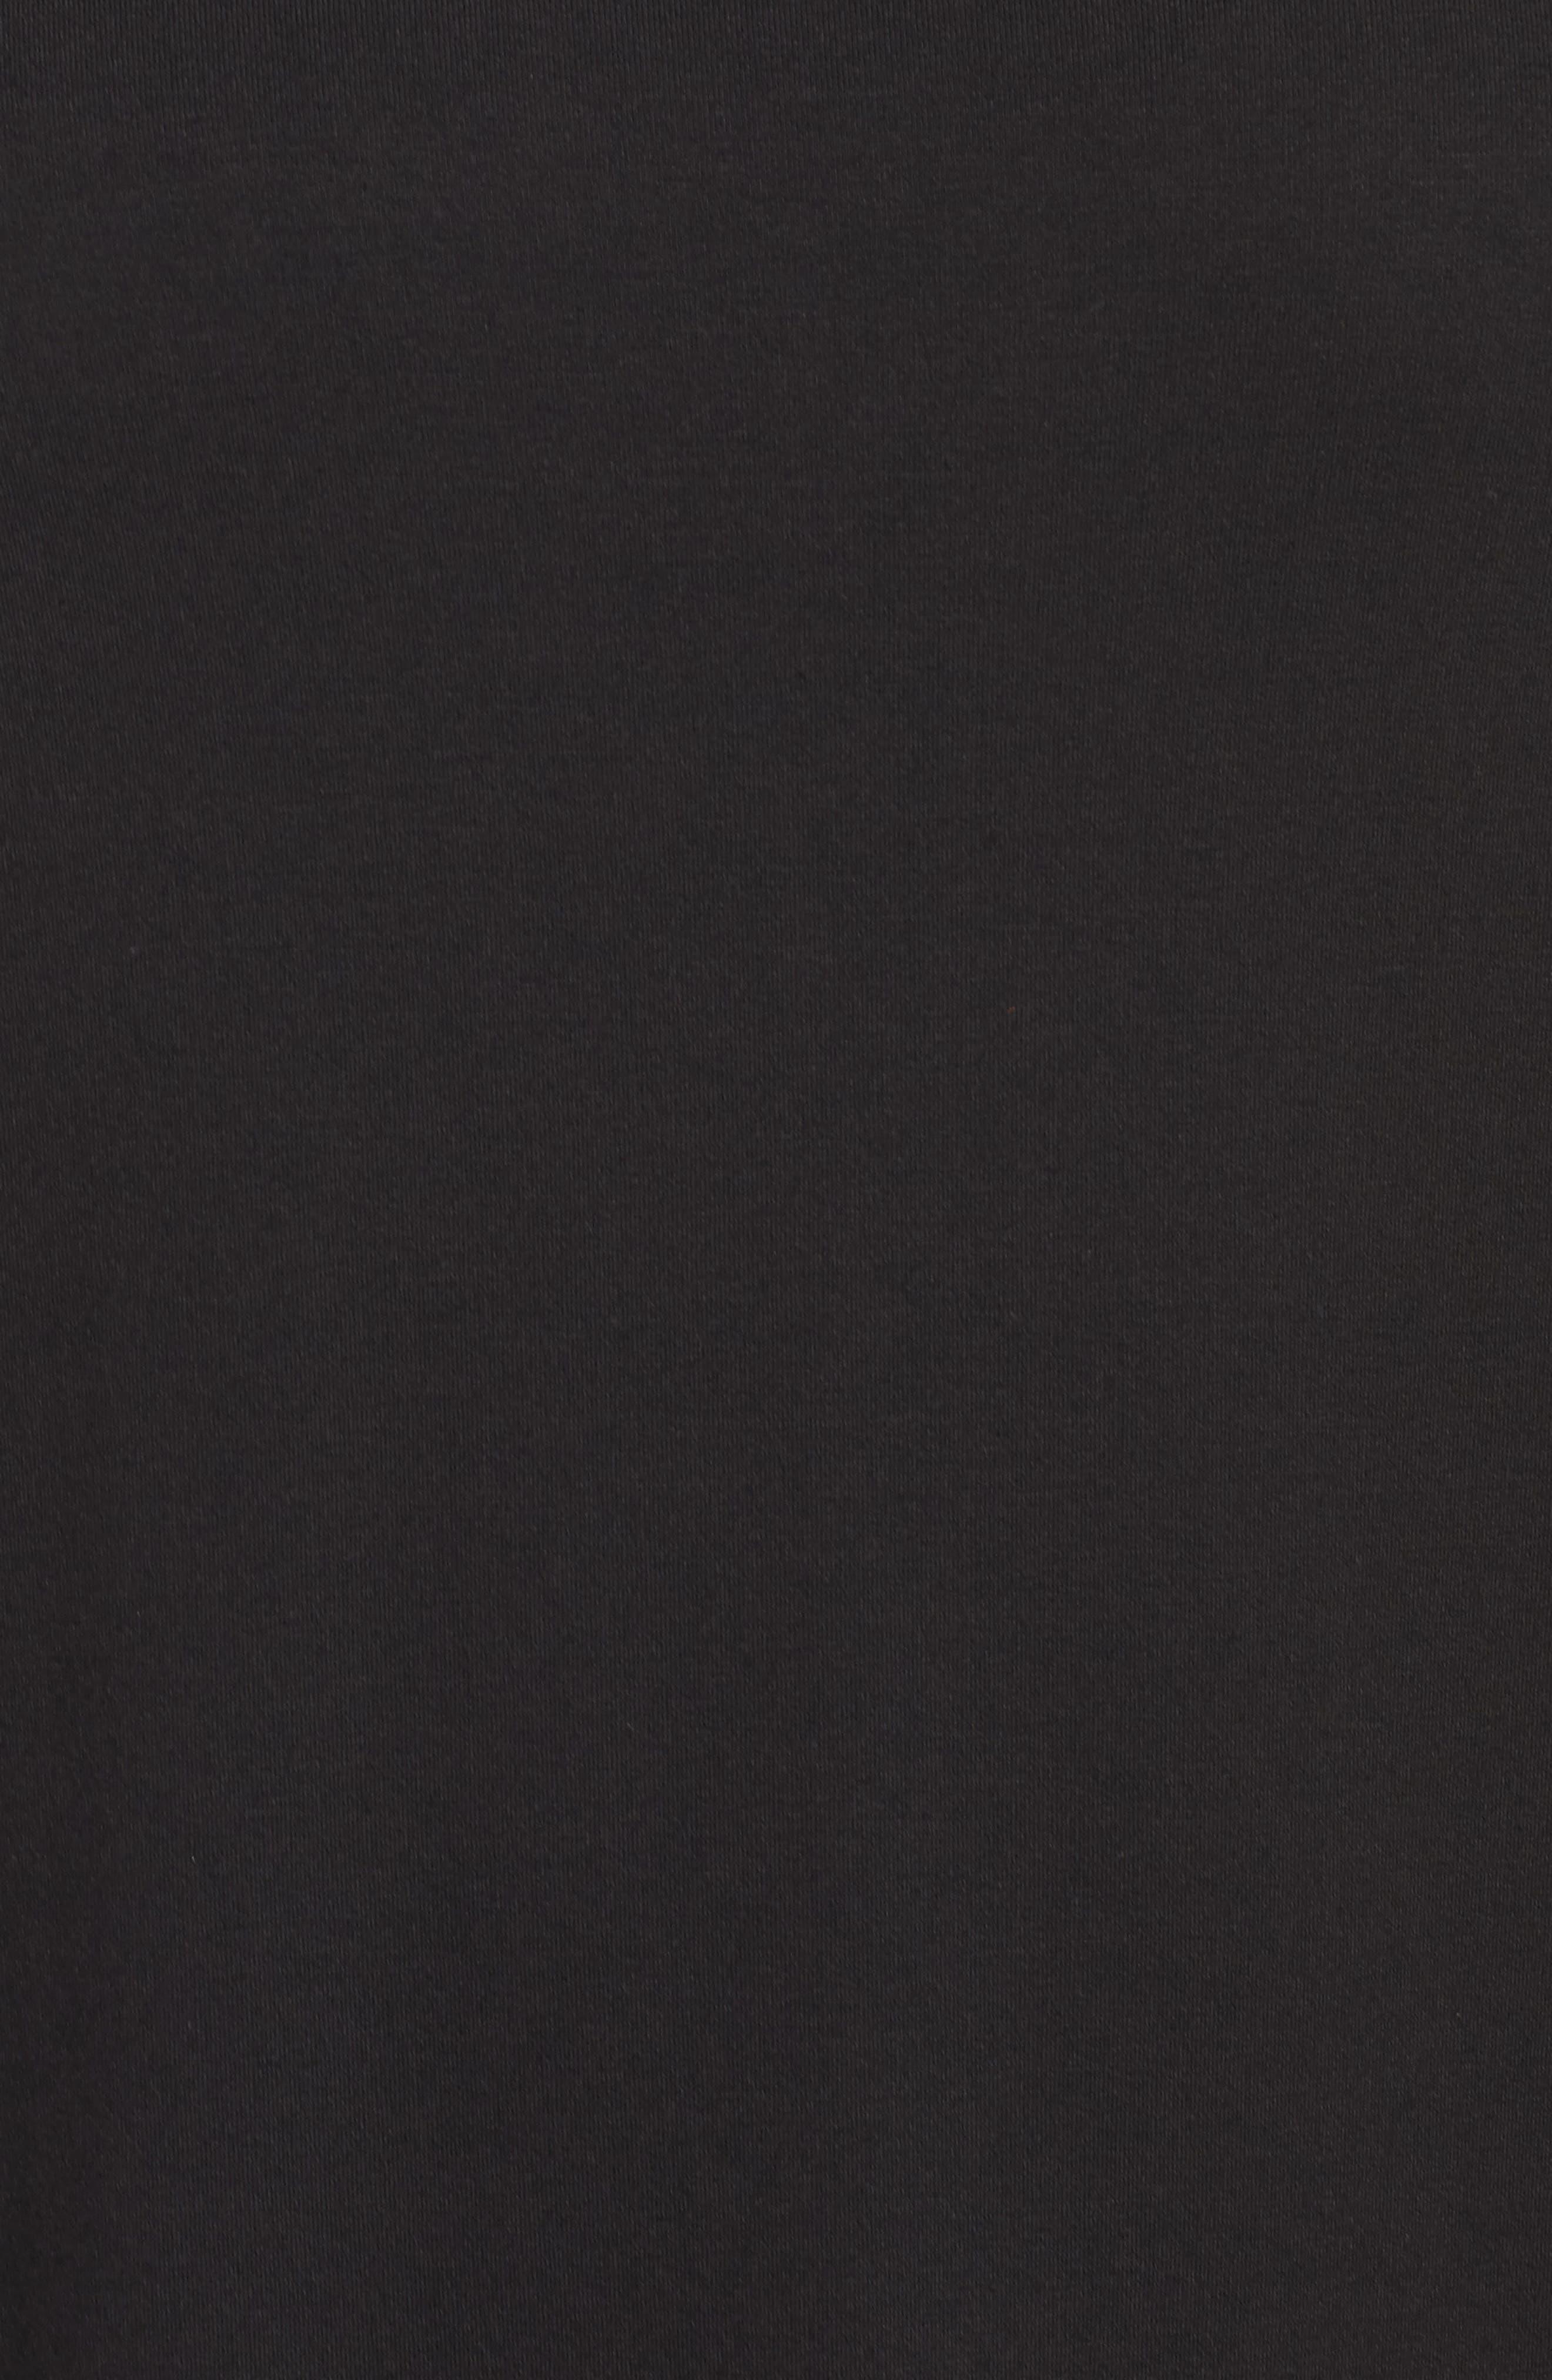 Jersey Midi Dress,                             Alternate thumbnail 6, color,                             BLACK